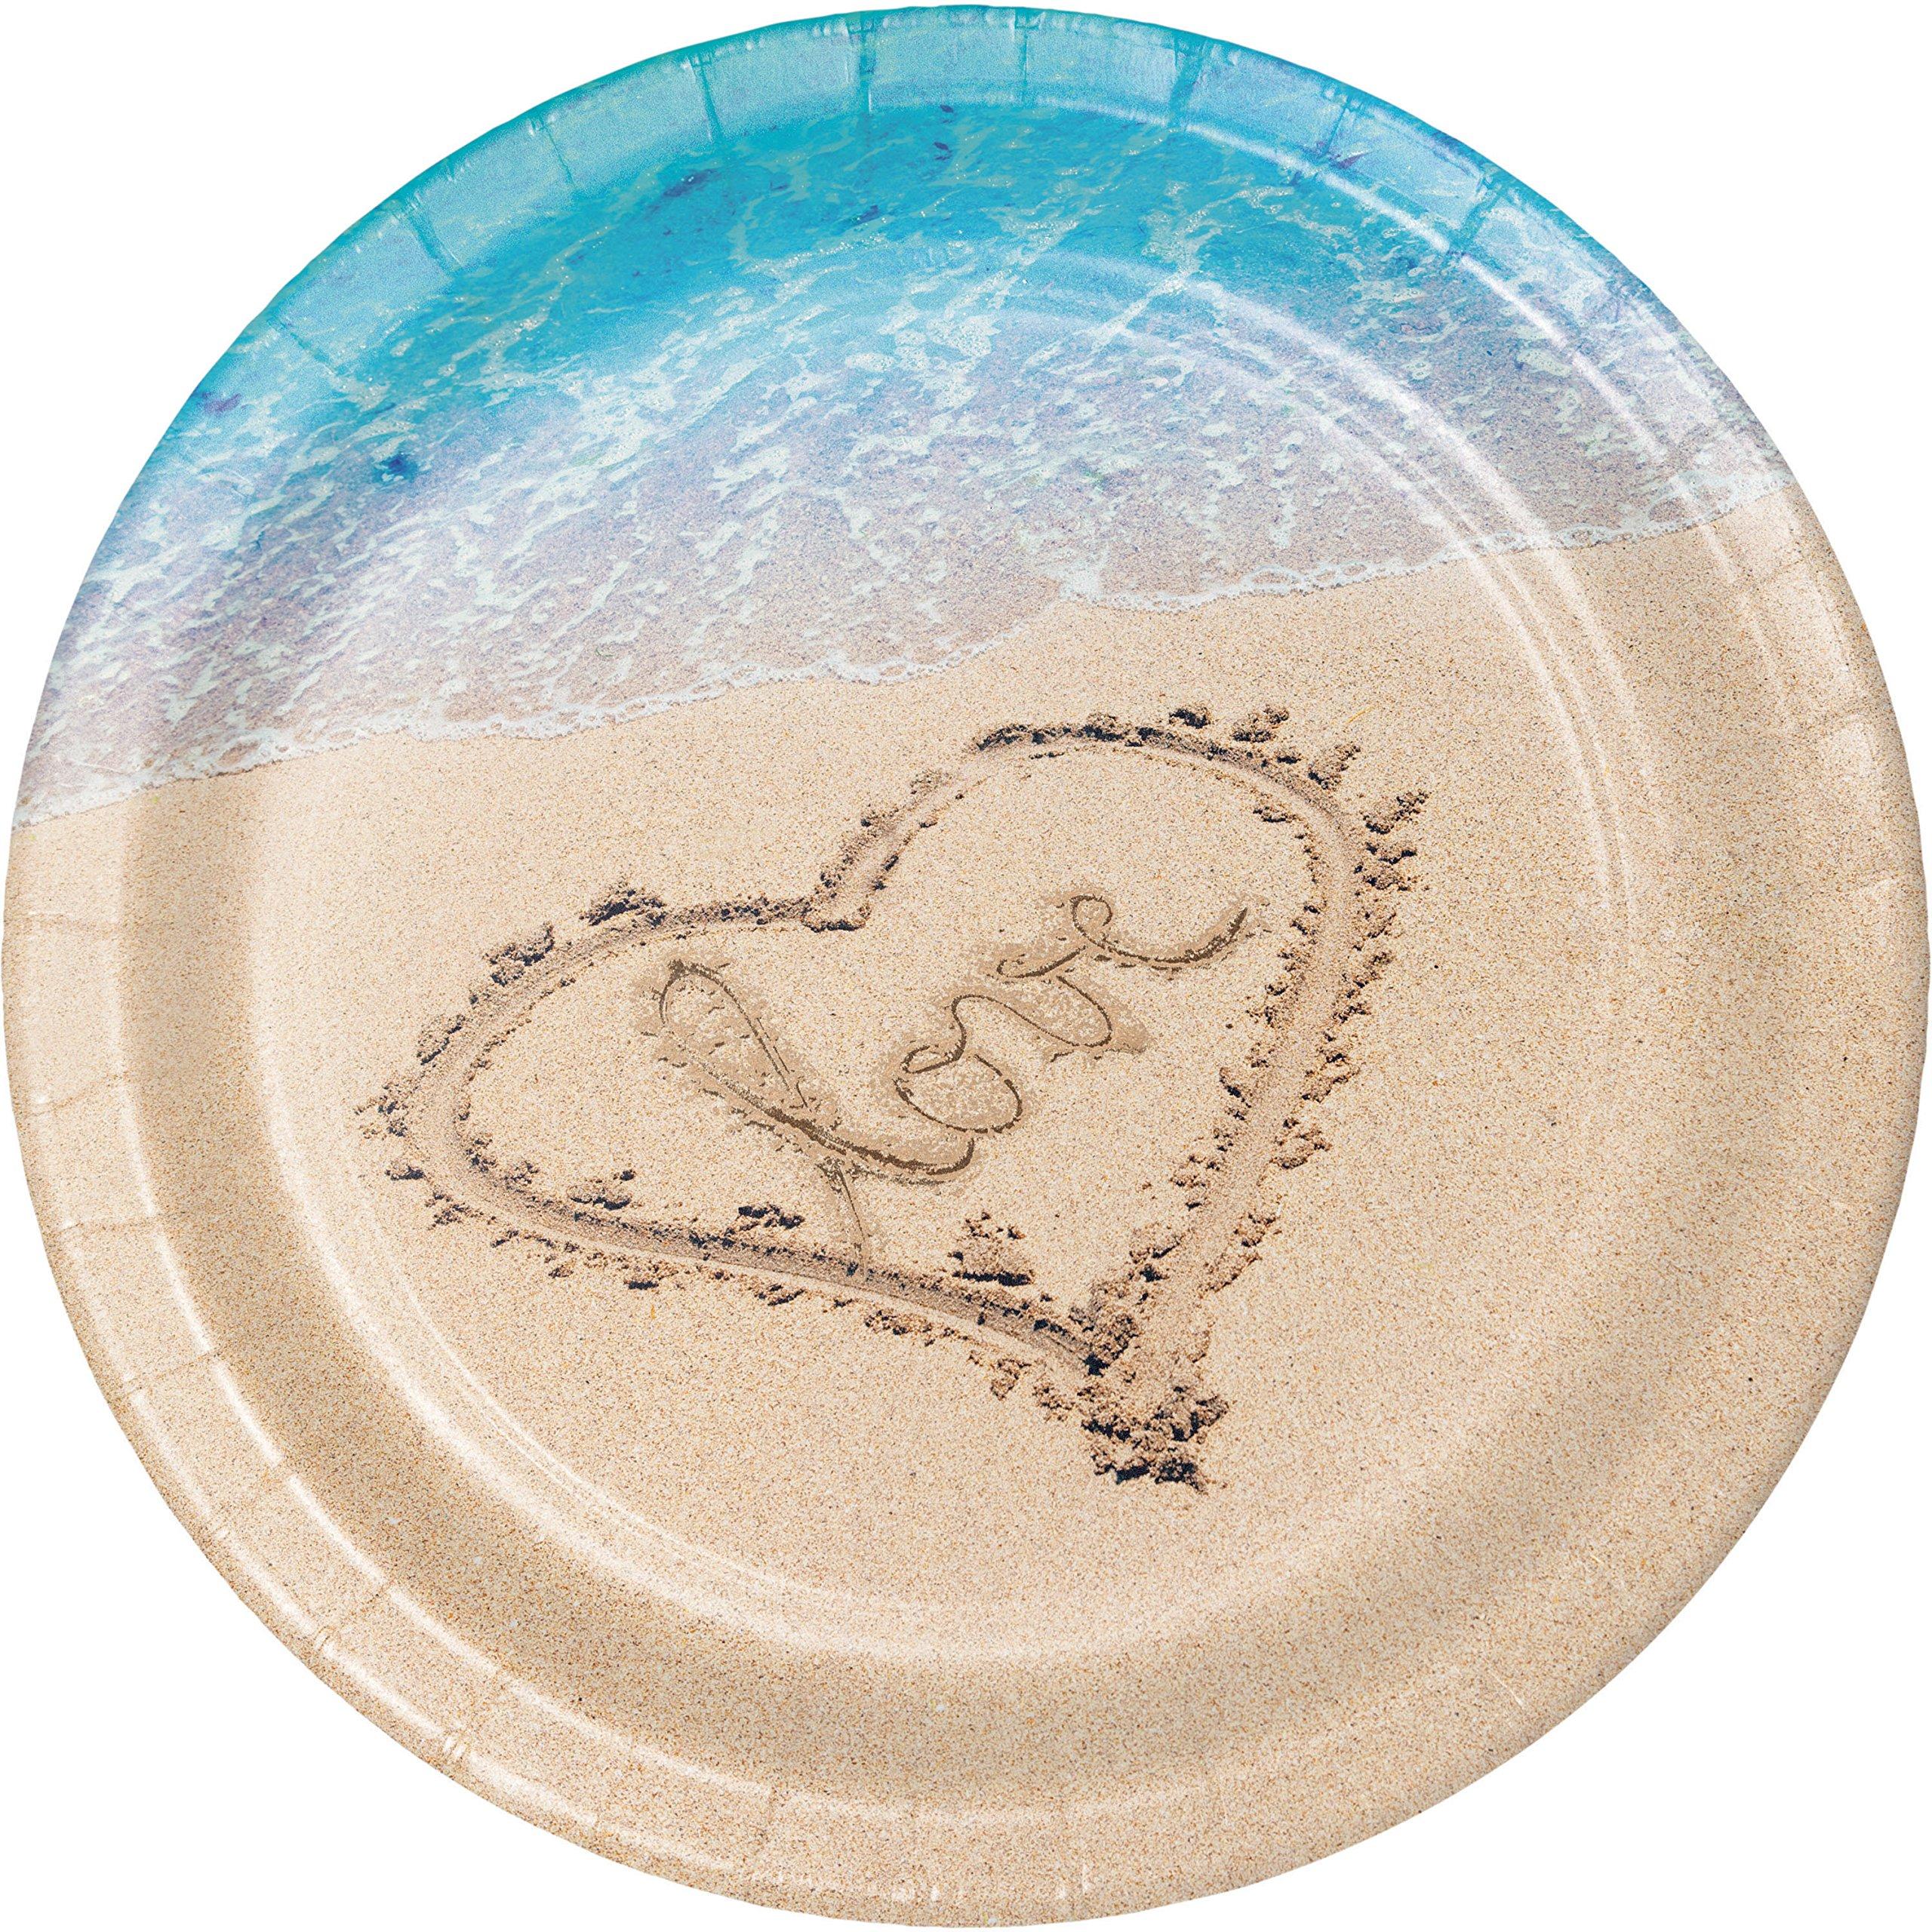 Beach Love Banquet Plates, 24 ct